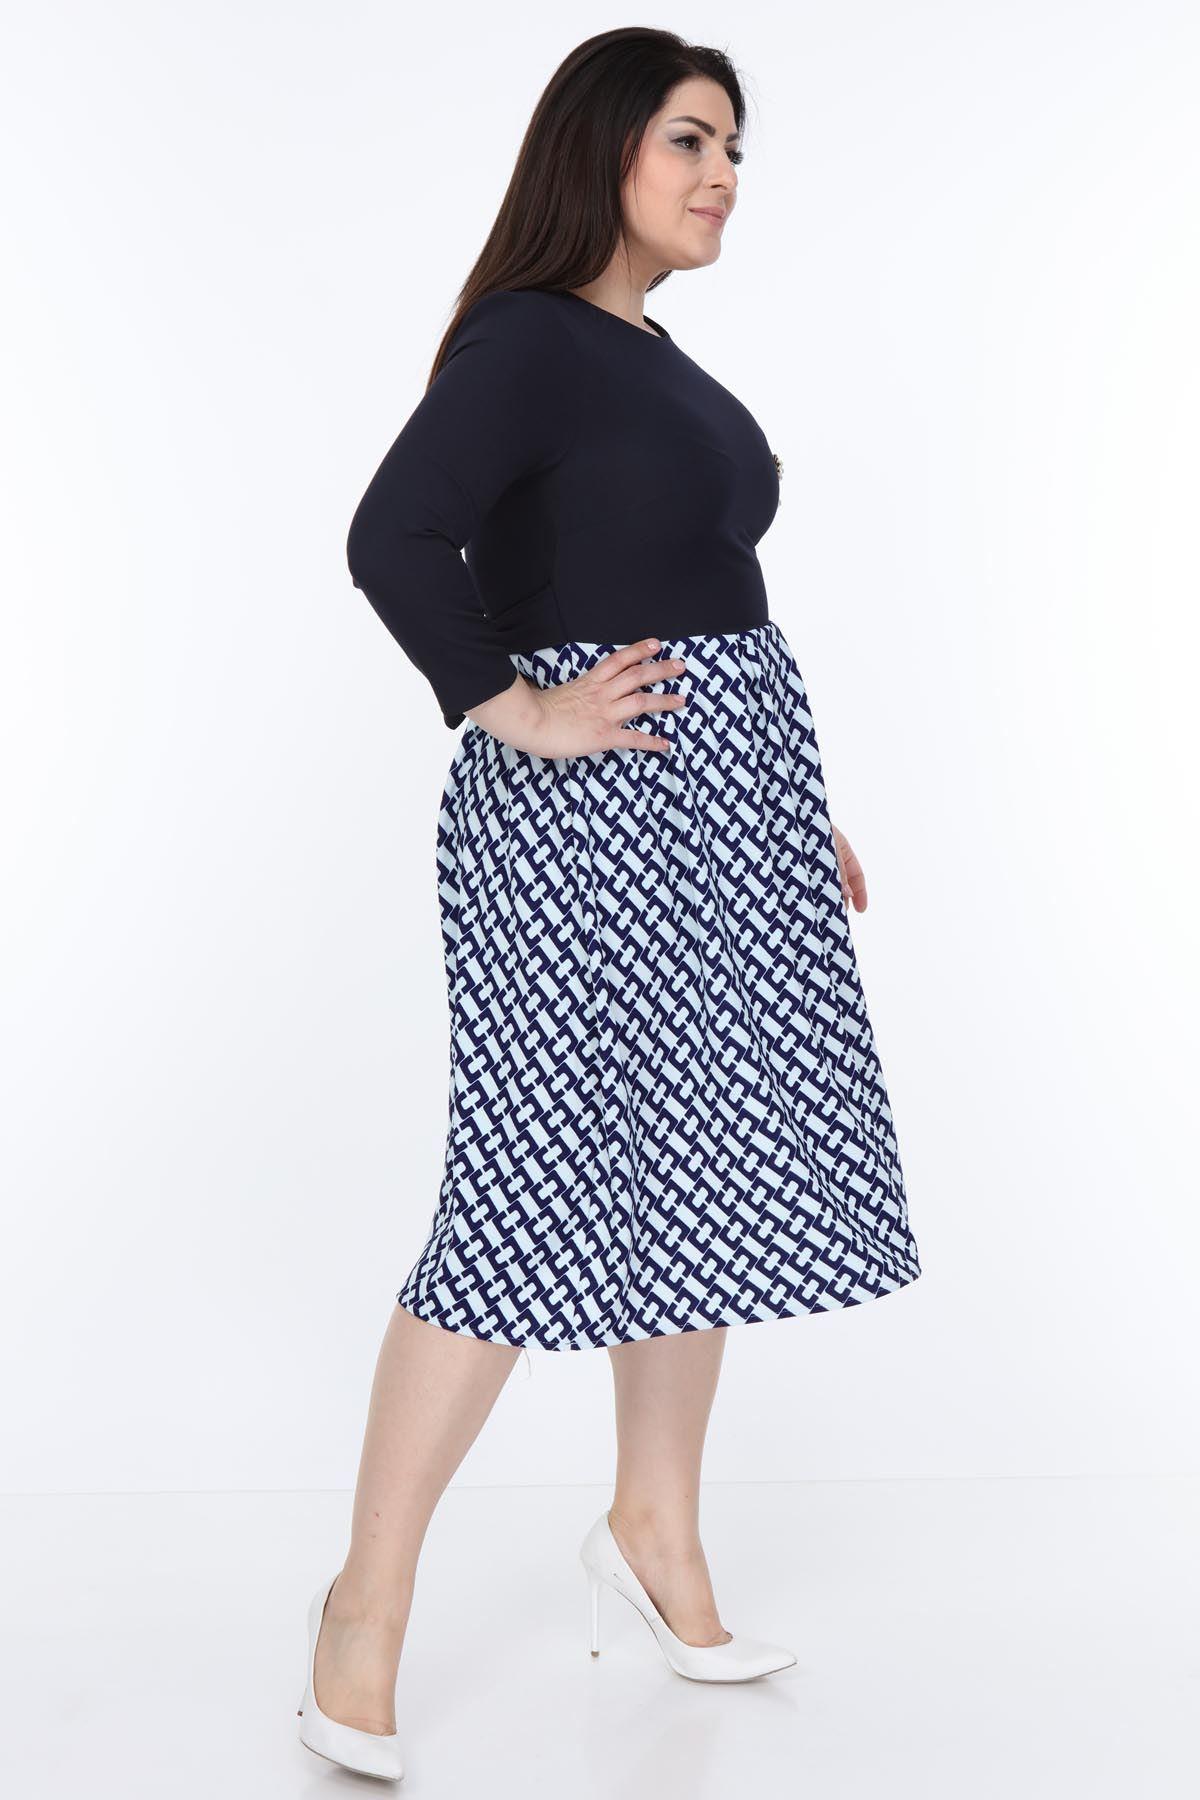 Lacivert Kloş Etekli Büyük Beden Elbise 12D-0993